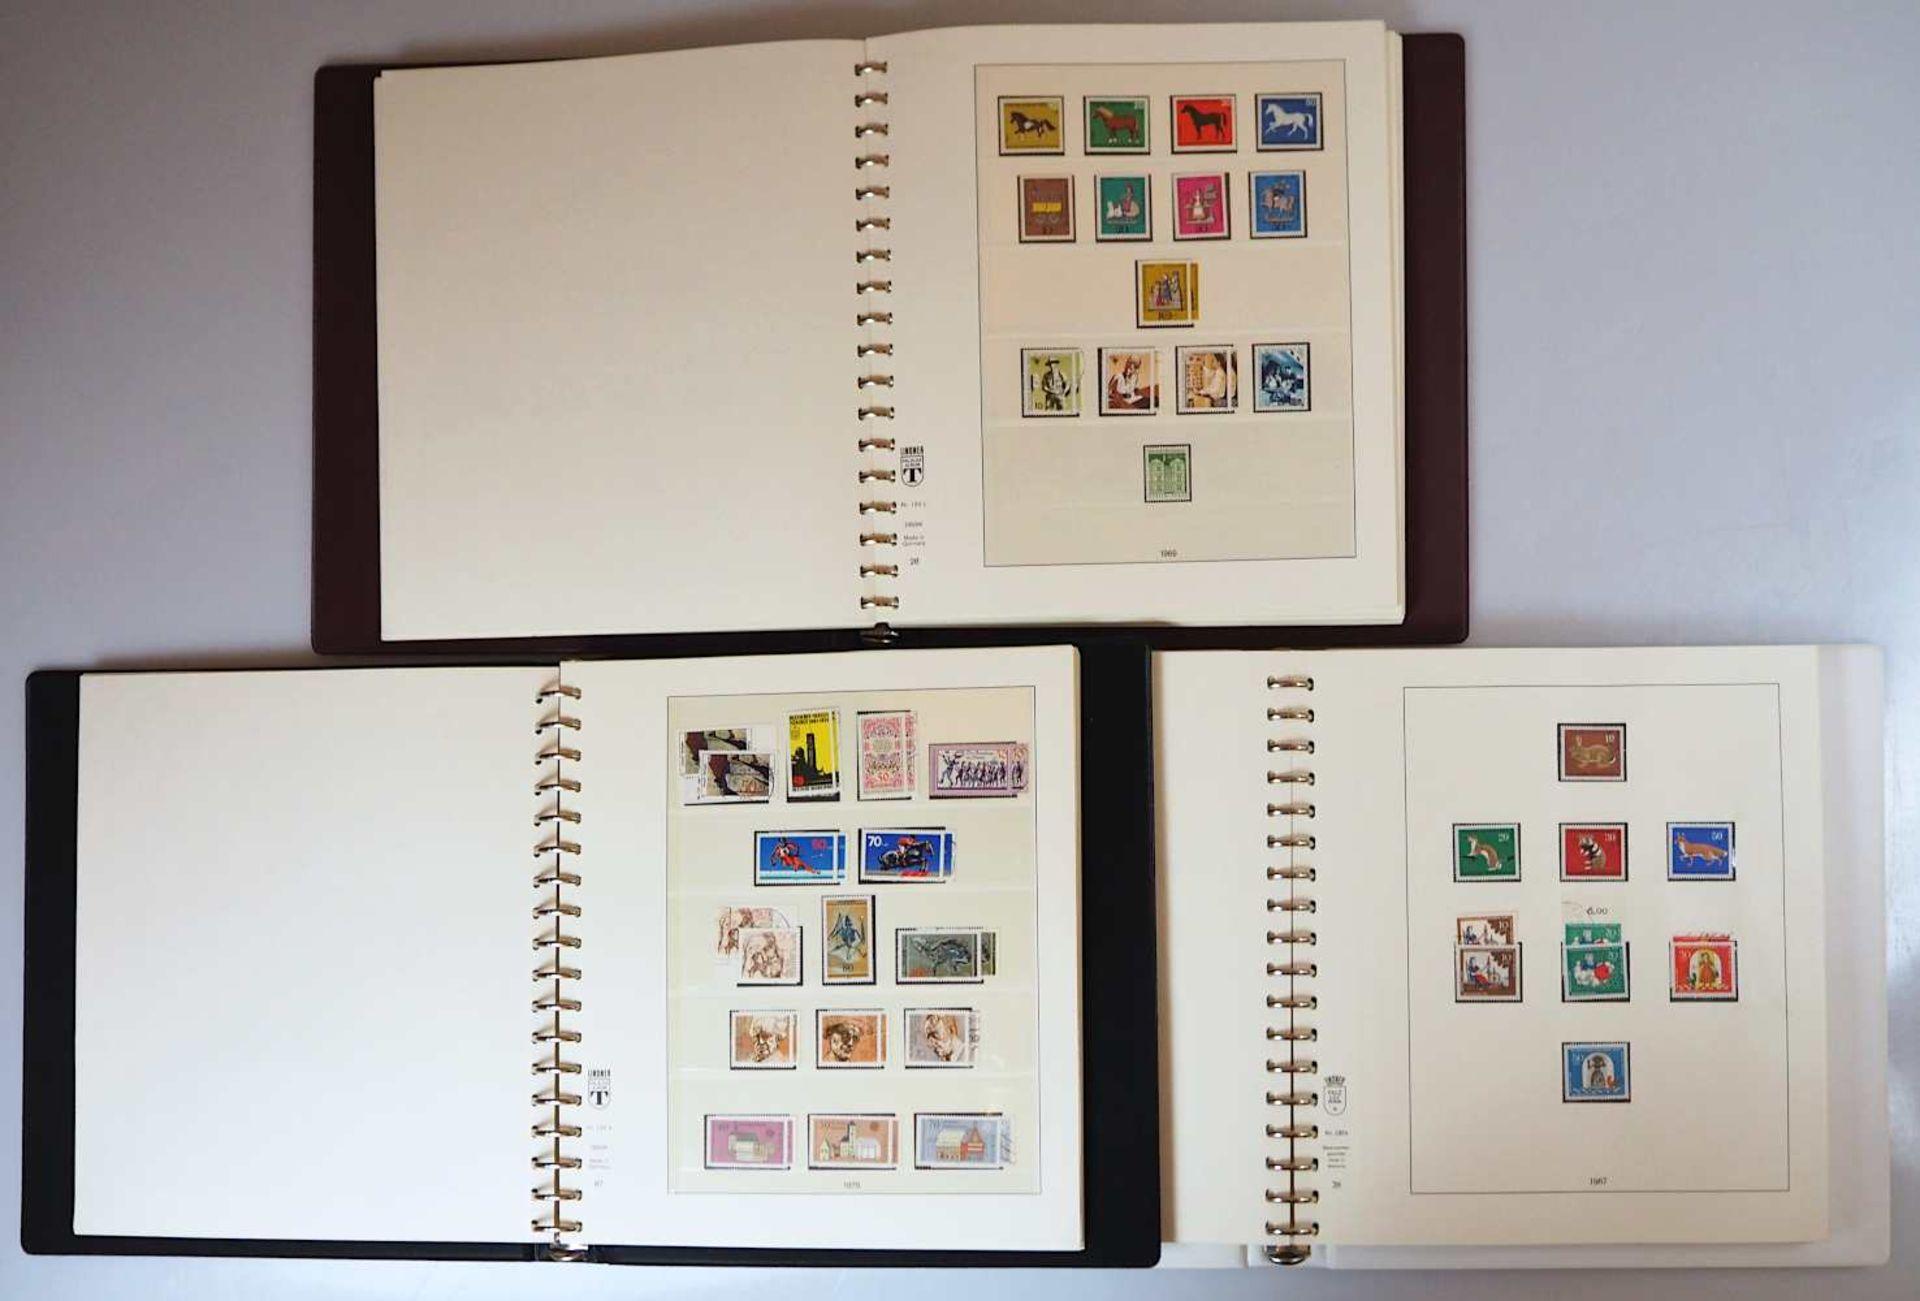 4 Briefmarkenalben z.T. SCHAUBEK, 20. Jh.: Berlin, BRD mit Posthornsatz gestempelt und - Bild 3 aus 3